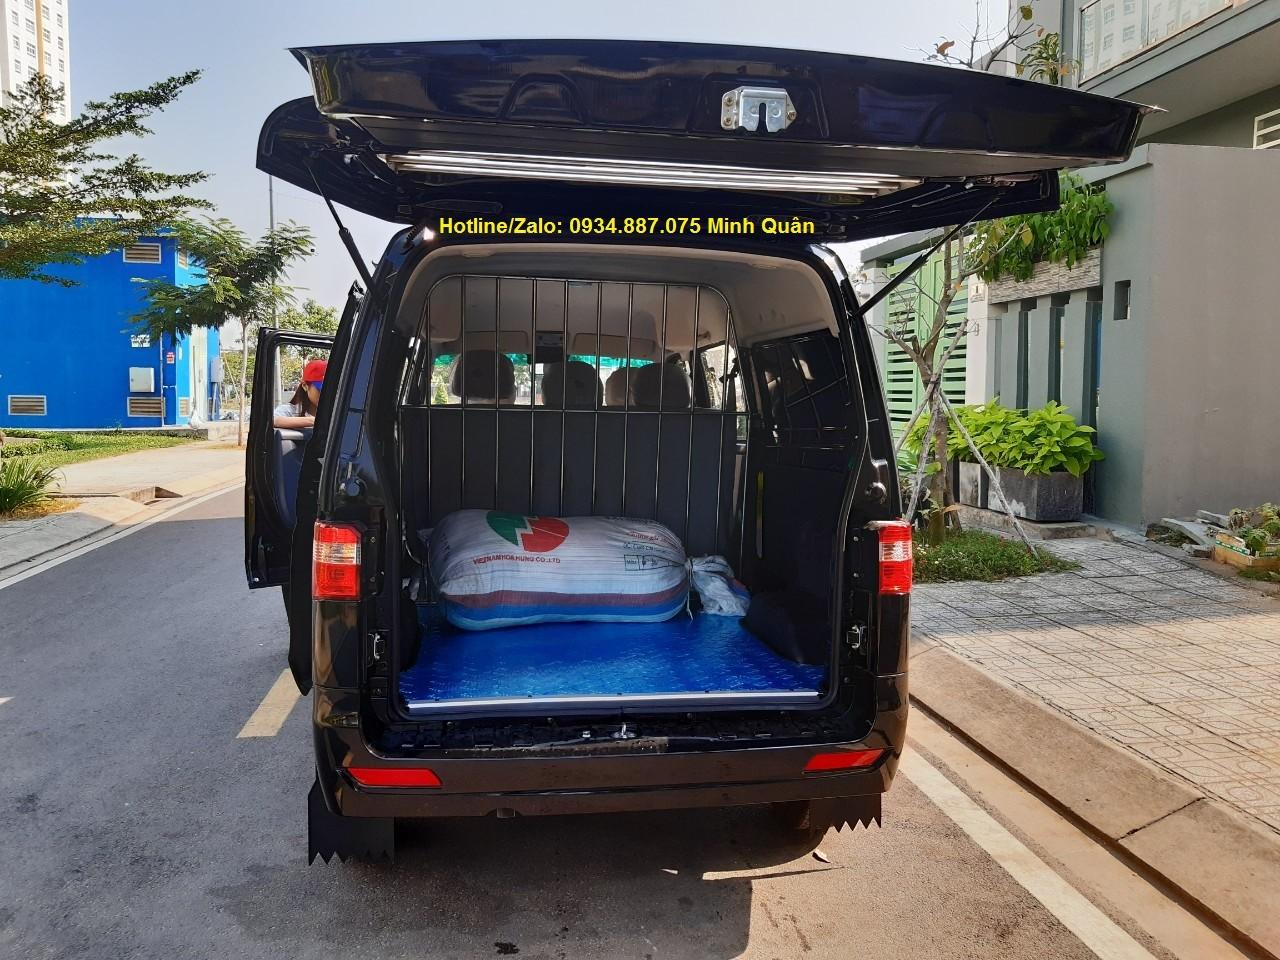 Bán xe tải van Dongben X30 5 chỗ ngồi đi vào thành phố giờ cấm tải